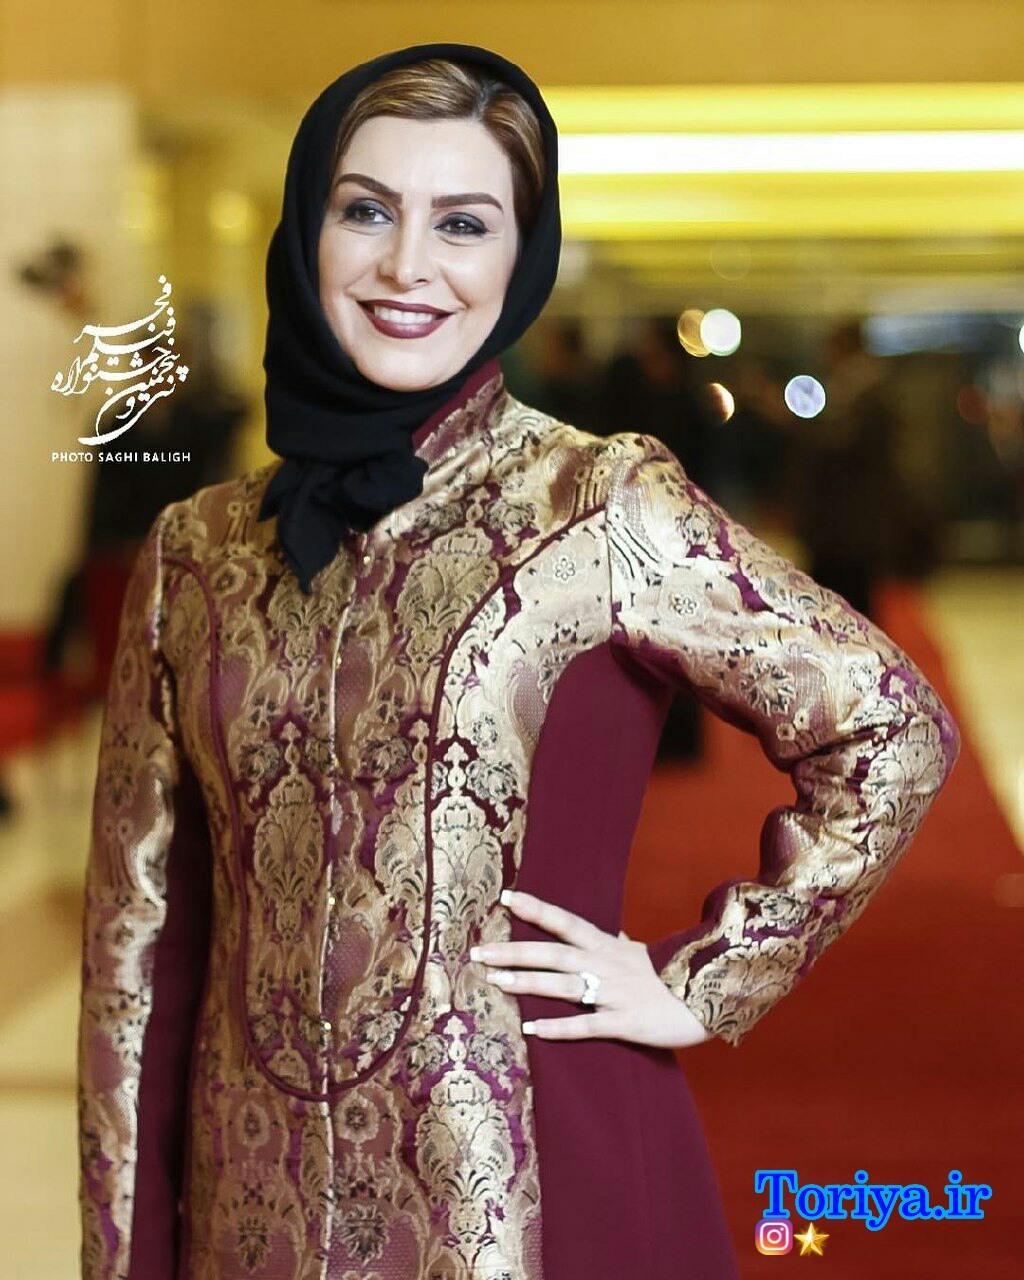 ماهچهره خلیلی در سی و پنجمین جشنواره فیلم فجر